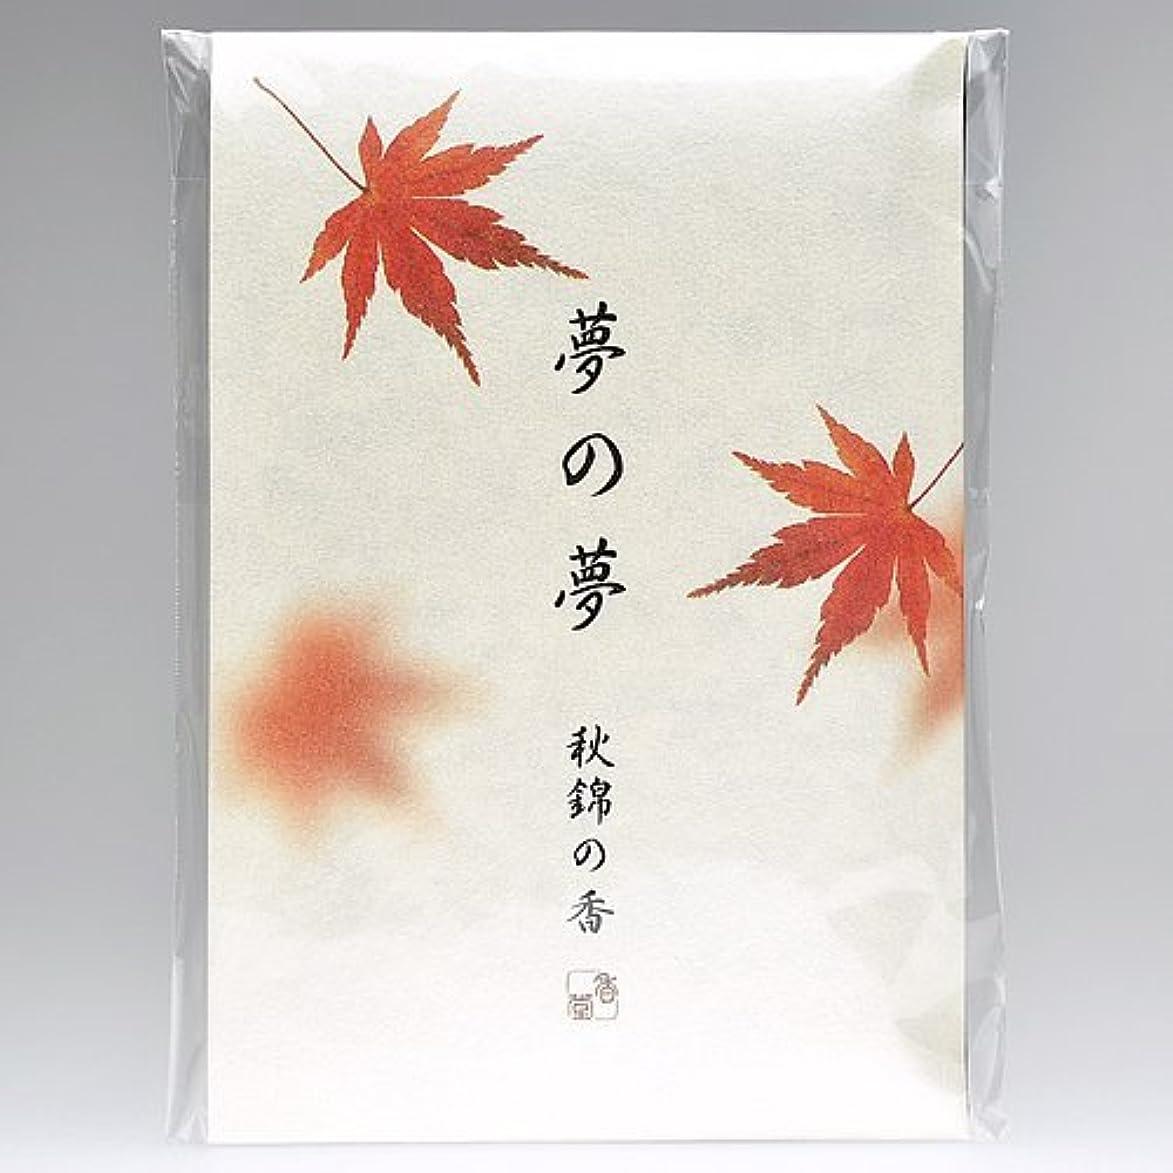 バース解き明かす広まった夢の夢 秋錦の香 (紅葉) スティック12本入